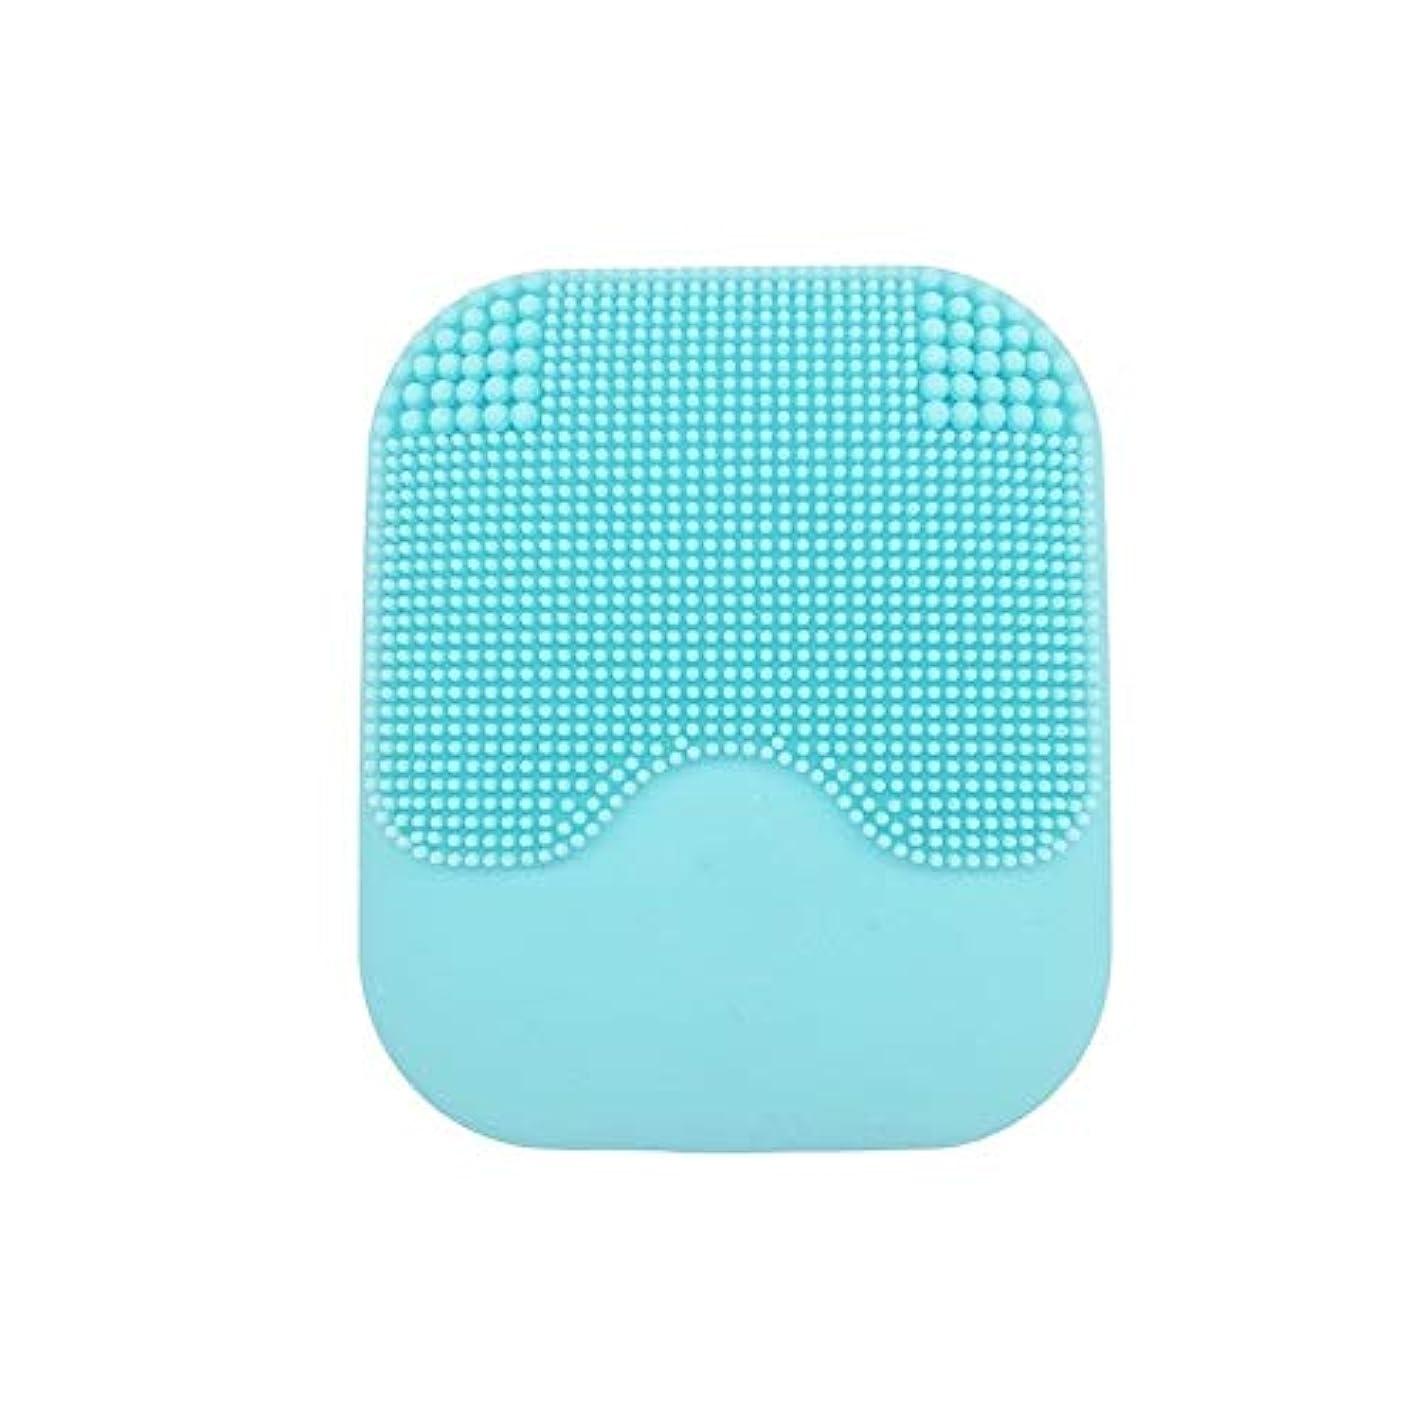 遅れペナルティジャングルシリコン洗顔ブラシ、スリースピード調節可能な防水充電式ひげエレクトリック顔ブラシ顔面にきびスクラバーアンチエイジングスキンケア (Color : 青)